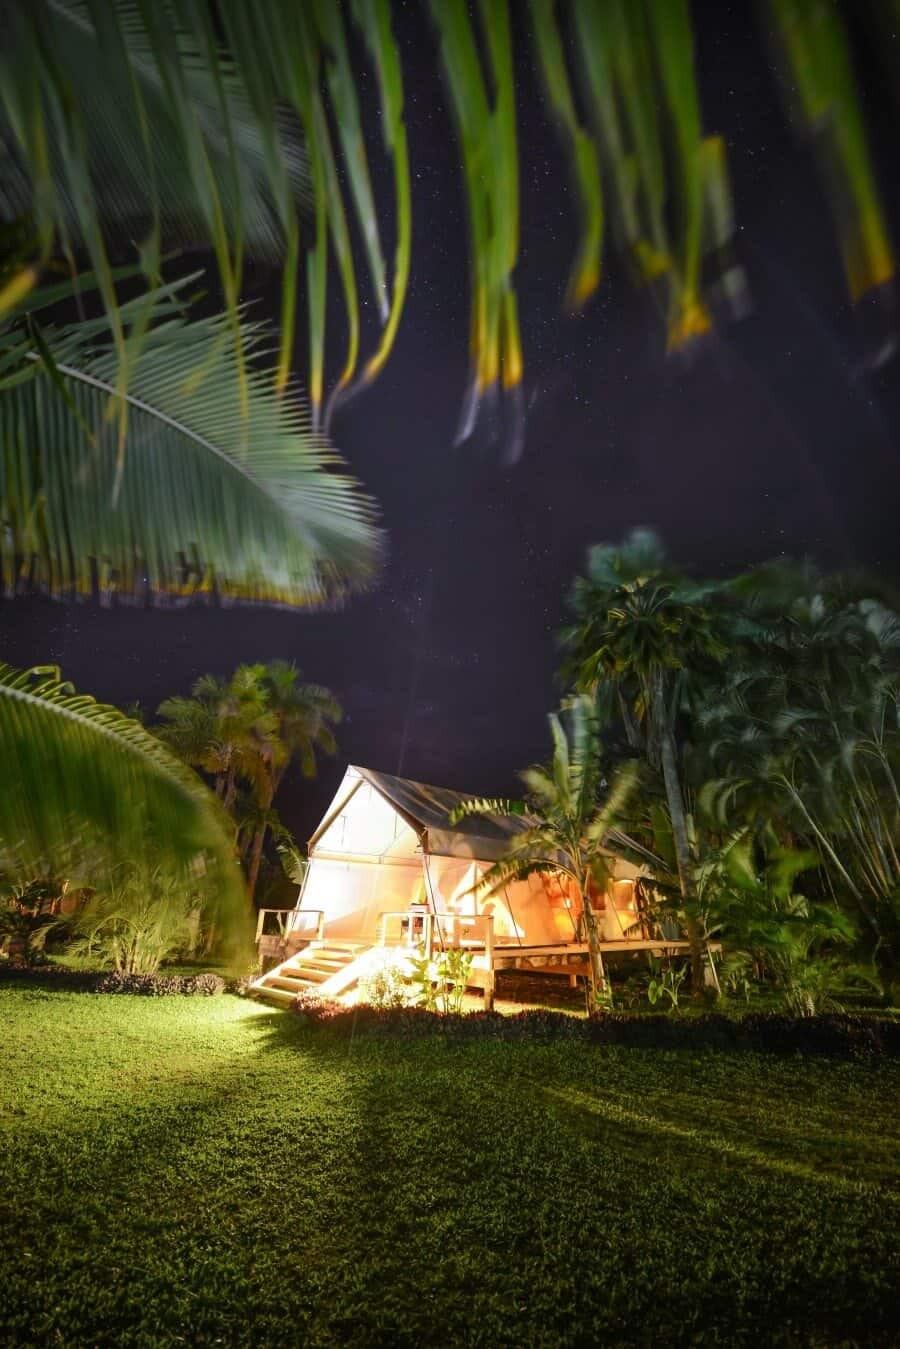 ikurangi-eco-retreat-rarotonga-cook-islands-14